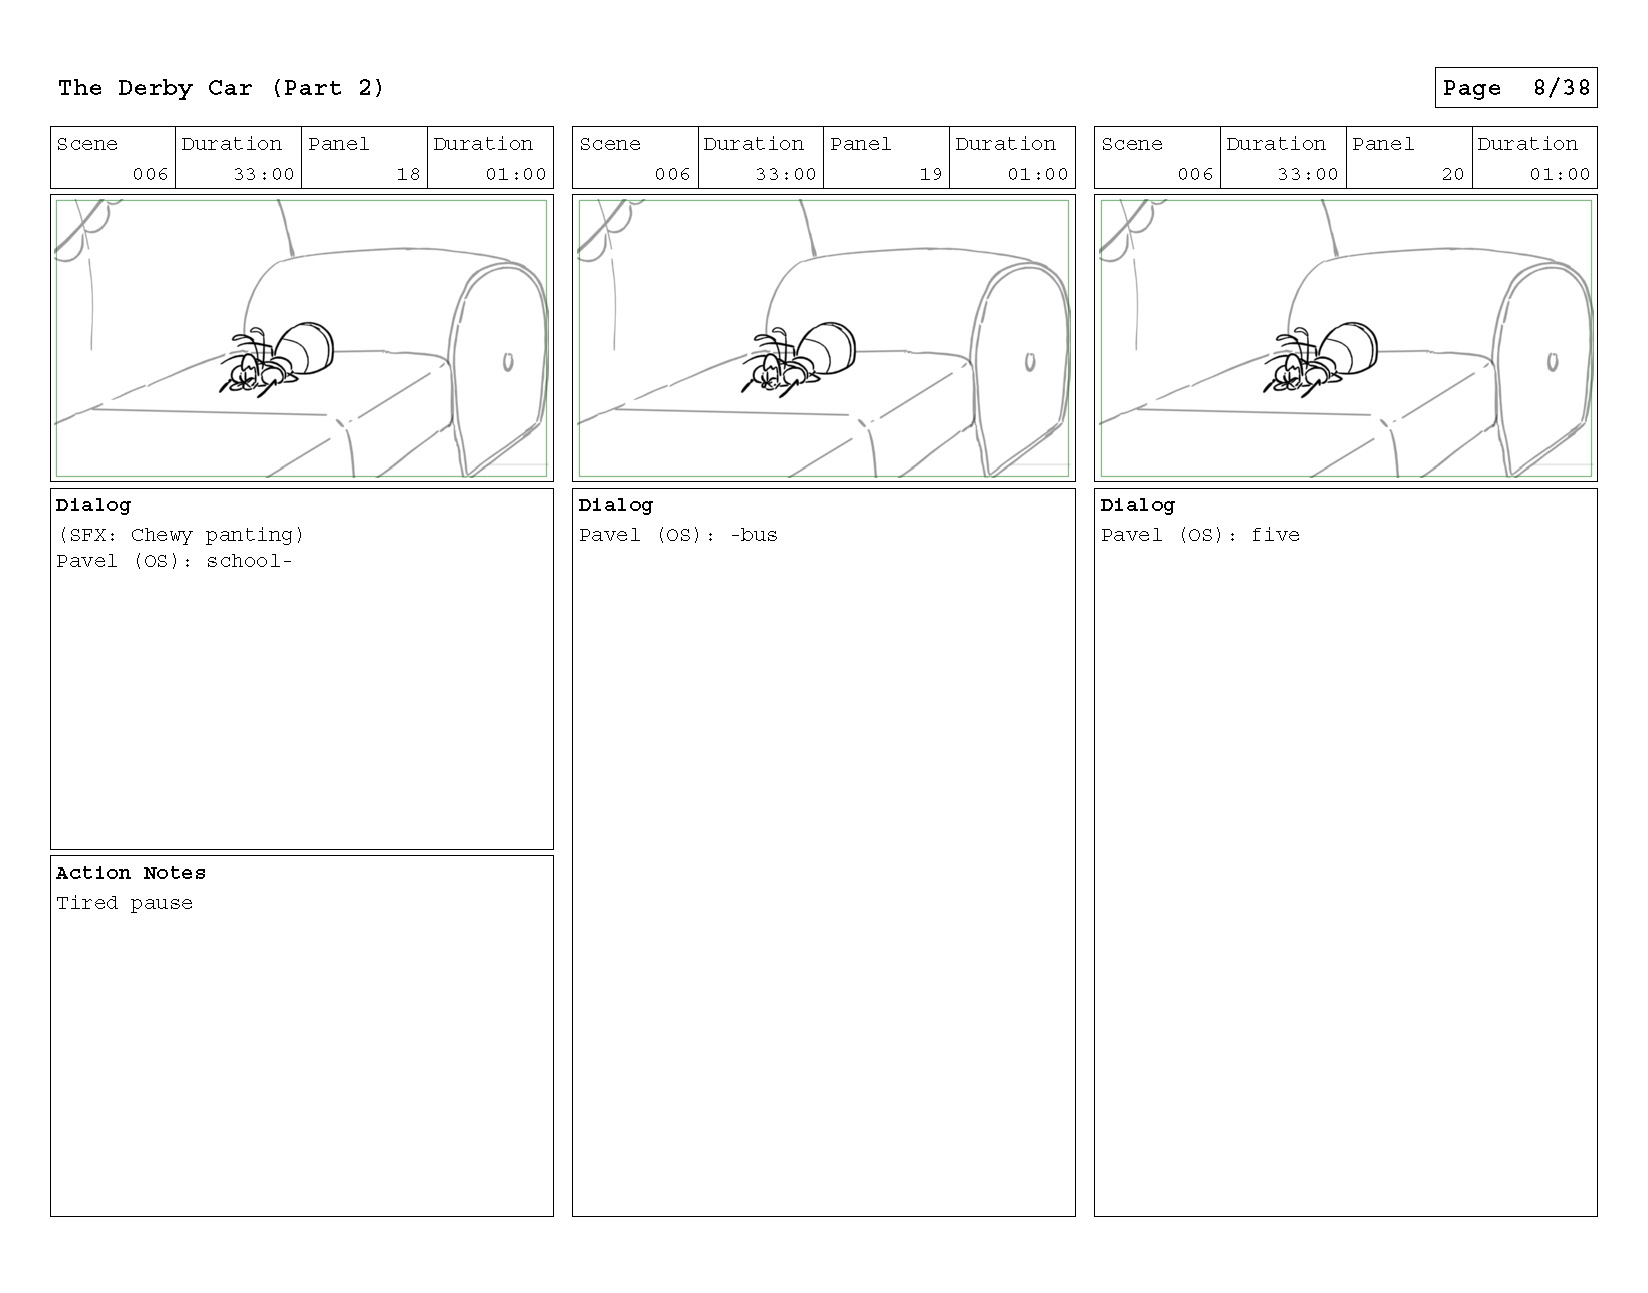 thelfer_derbycar2_Page_09.jpg